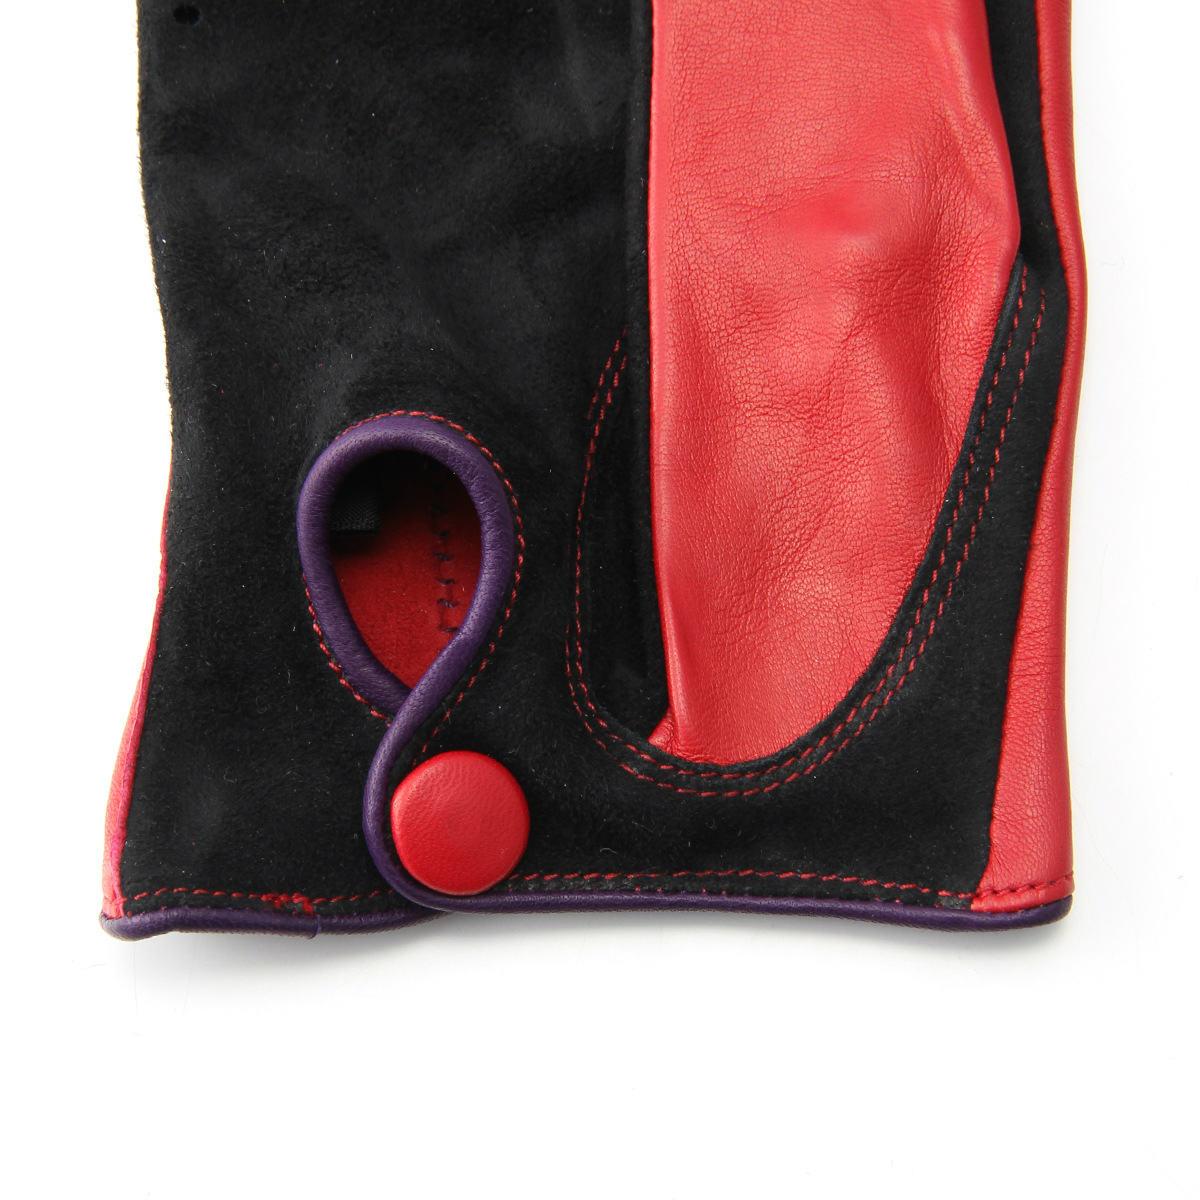 半指 本革 ドライビンググローブ メンズ 羊革 スエード アルタクラッセ カプリガンティ レッド×ブラック 保存袋付 箱入